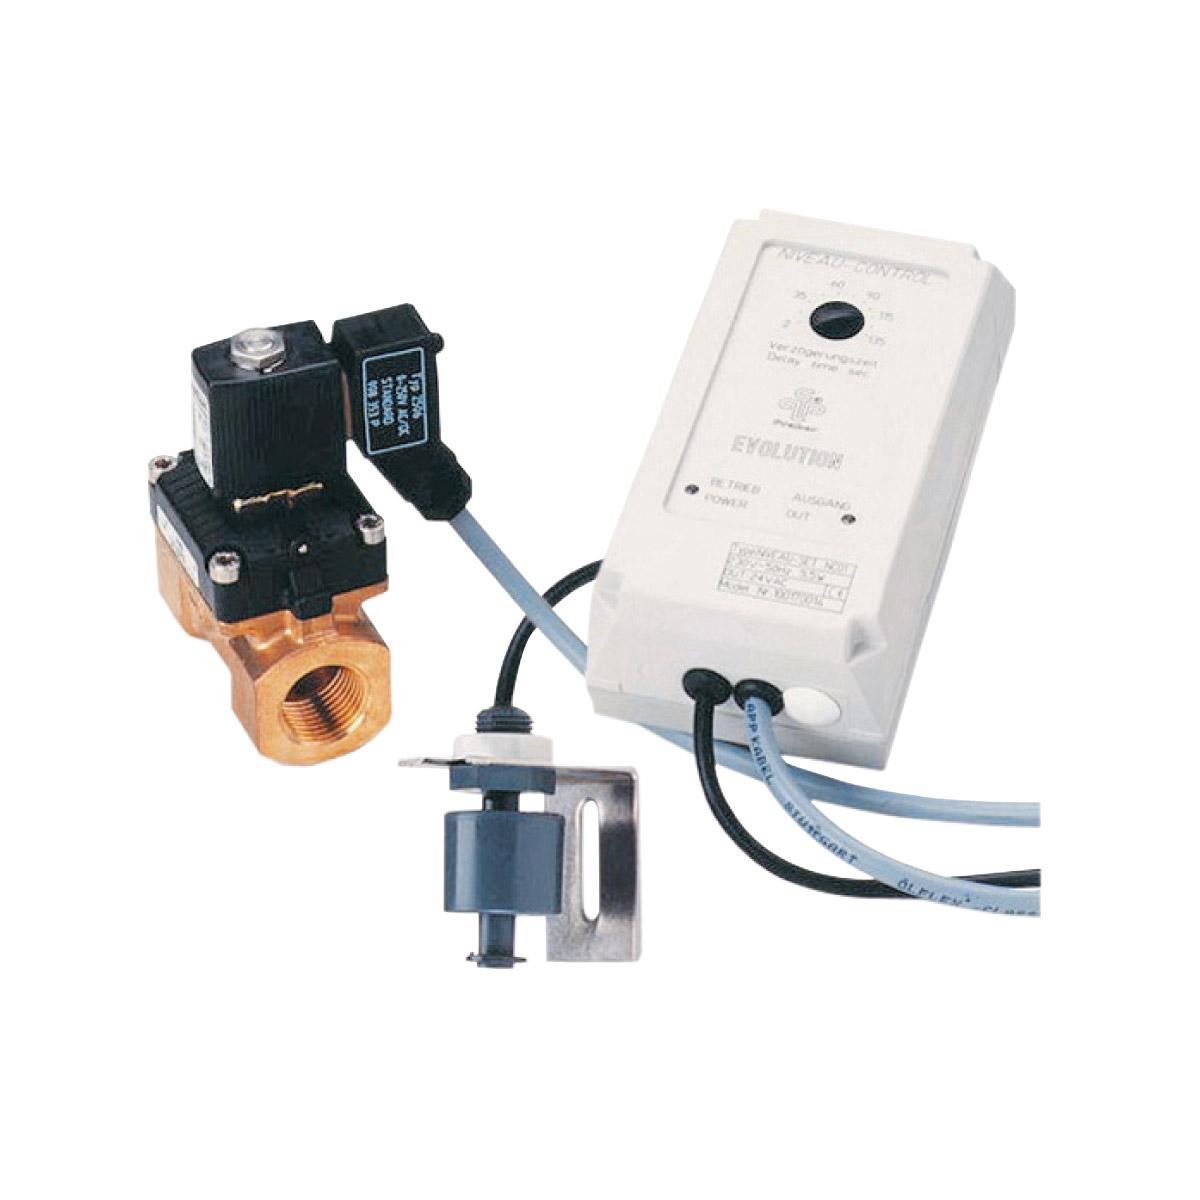 Niveau-Set NC01 mit Magnetventil, 230VAC Niveau-Set NC01 mit Magnetventil, 230VAC